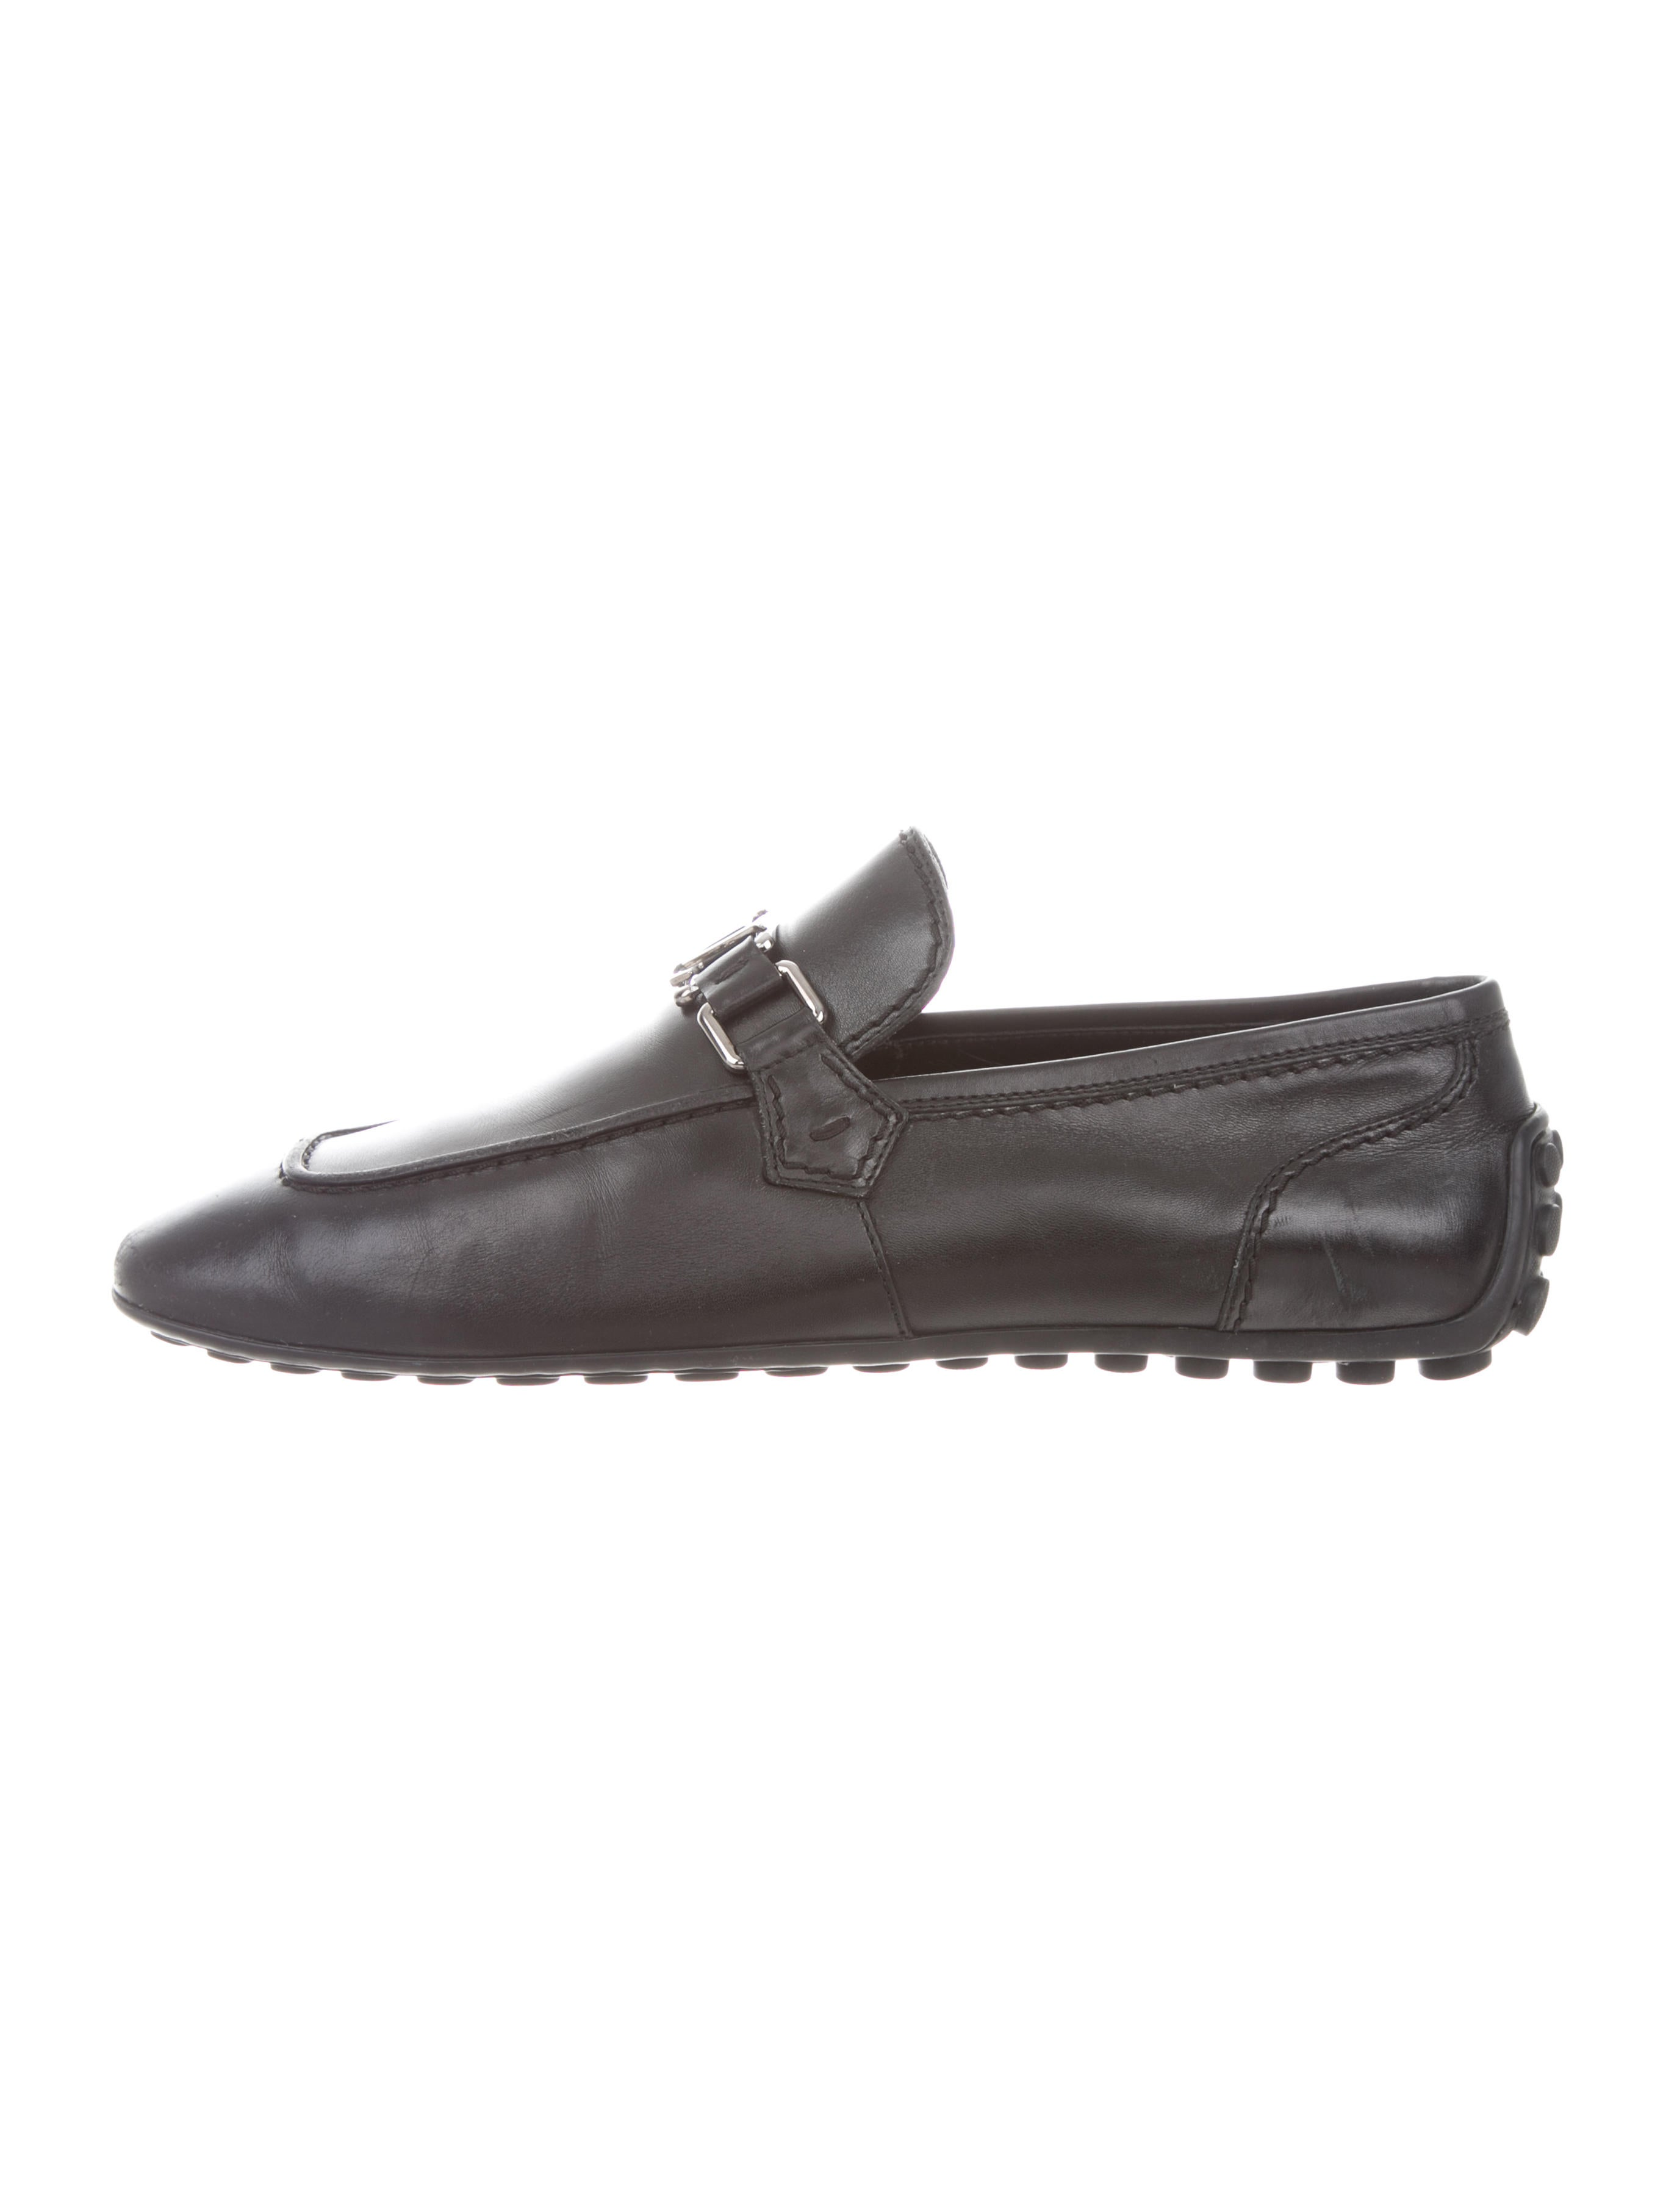 e8705c5d7b8c Louis Vuitton Shoes